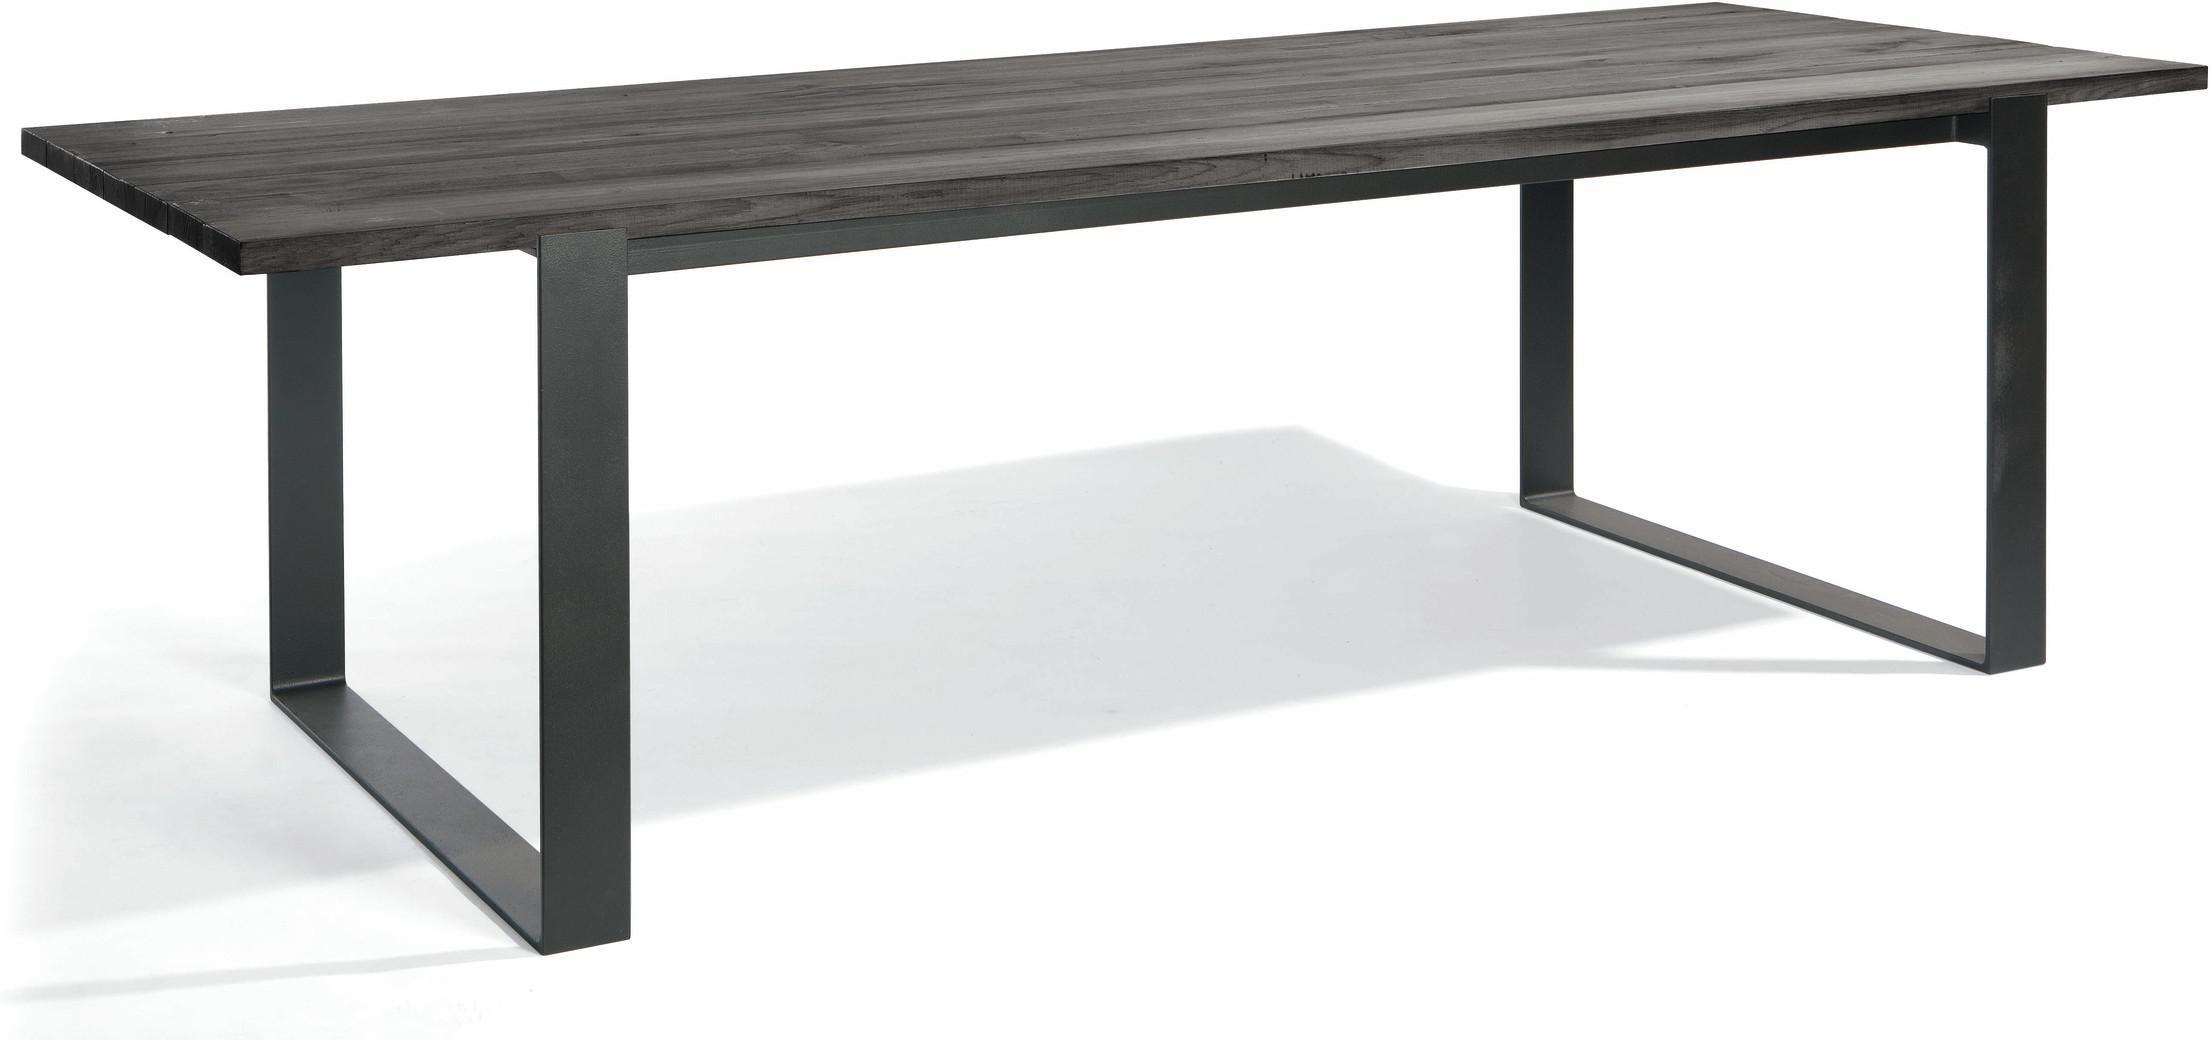 Eettafel Prato - lava - Teak nero 270